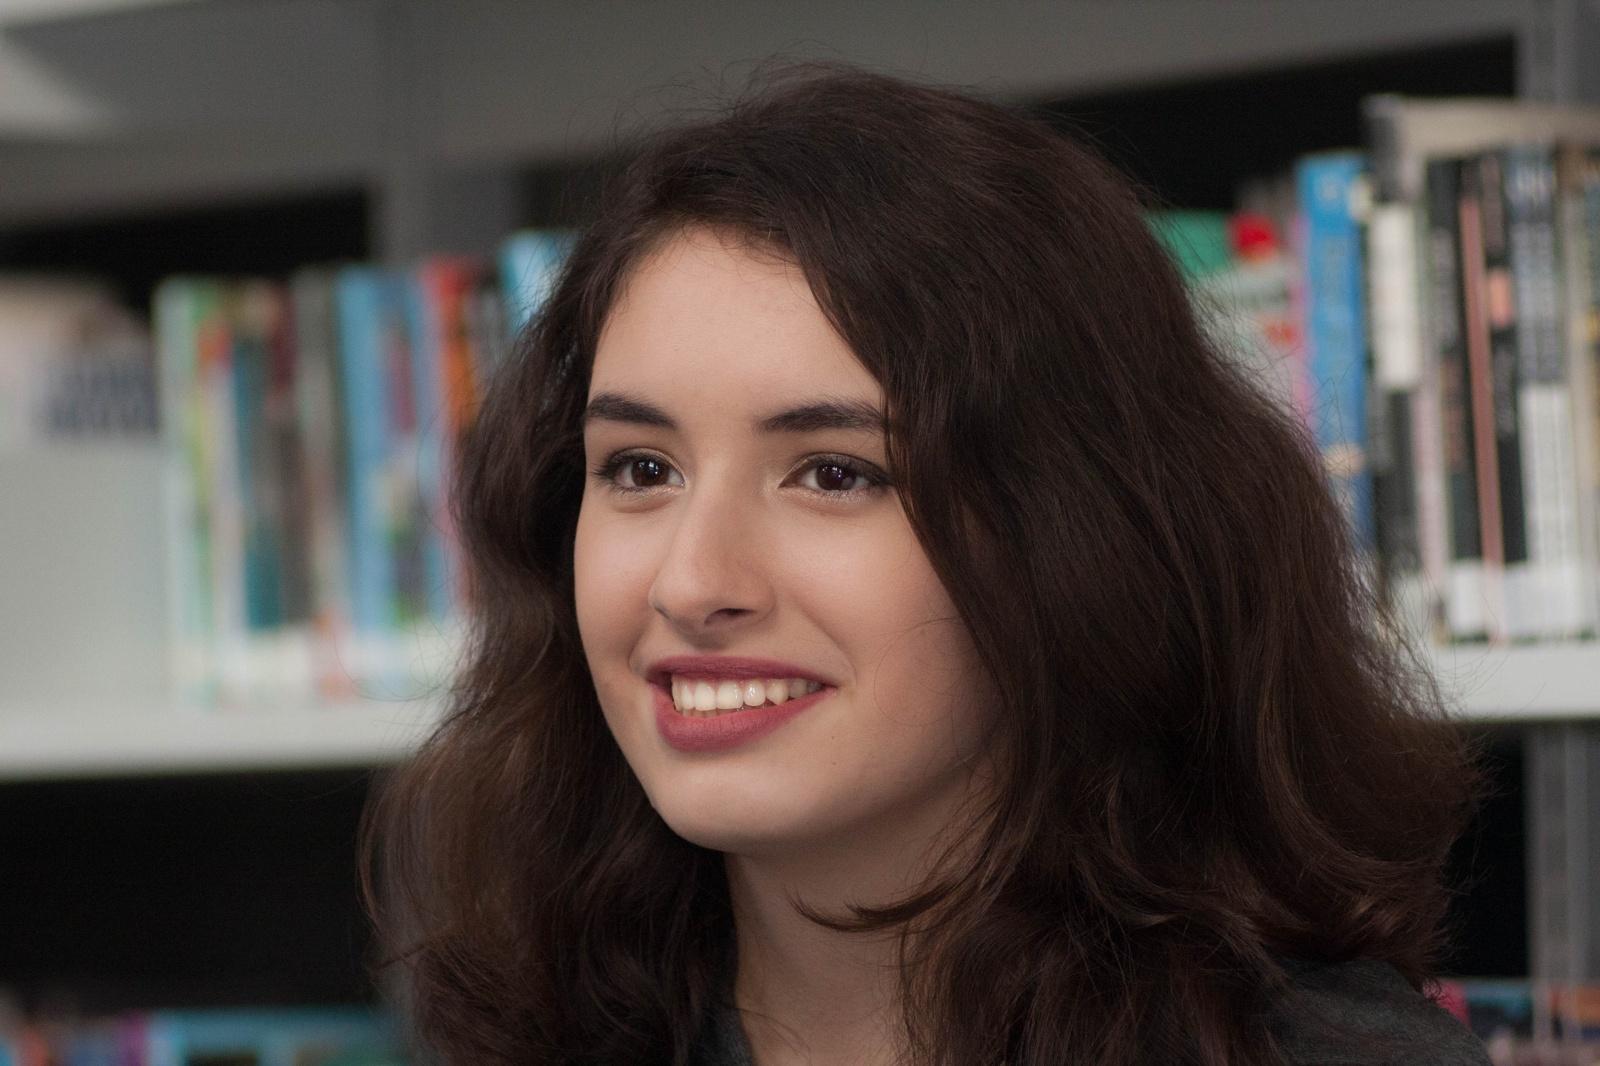 Clara Balon